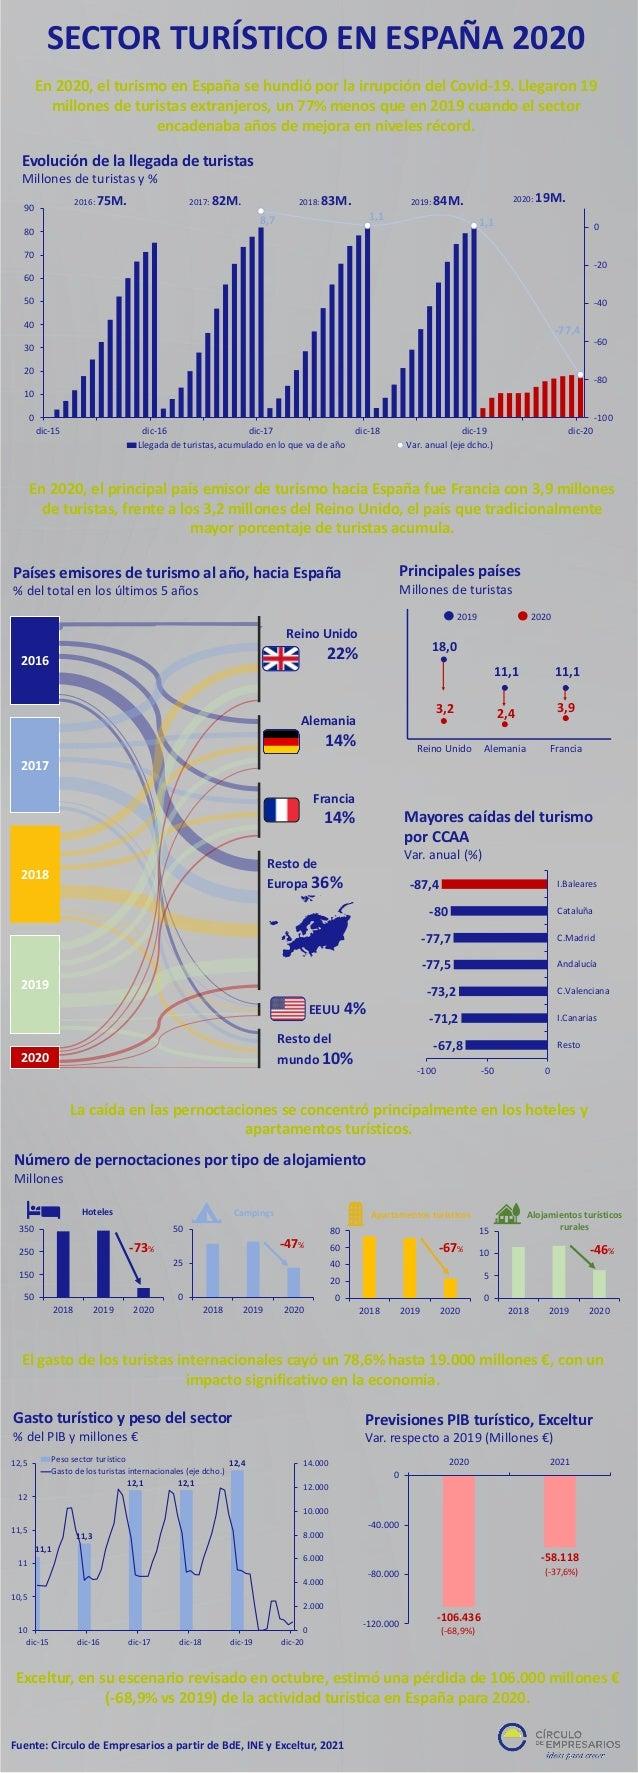 2016 2017 2018 2019 2020 Reino Unido 22% Alemania 14% Francia 14% Resto de Europa 36% EEUU 4% Resto del mundo 10% Países e...